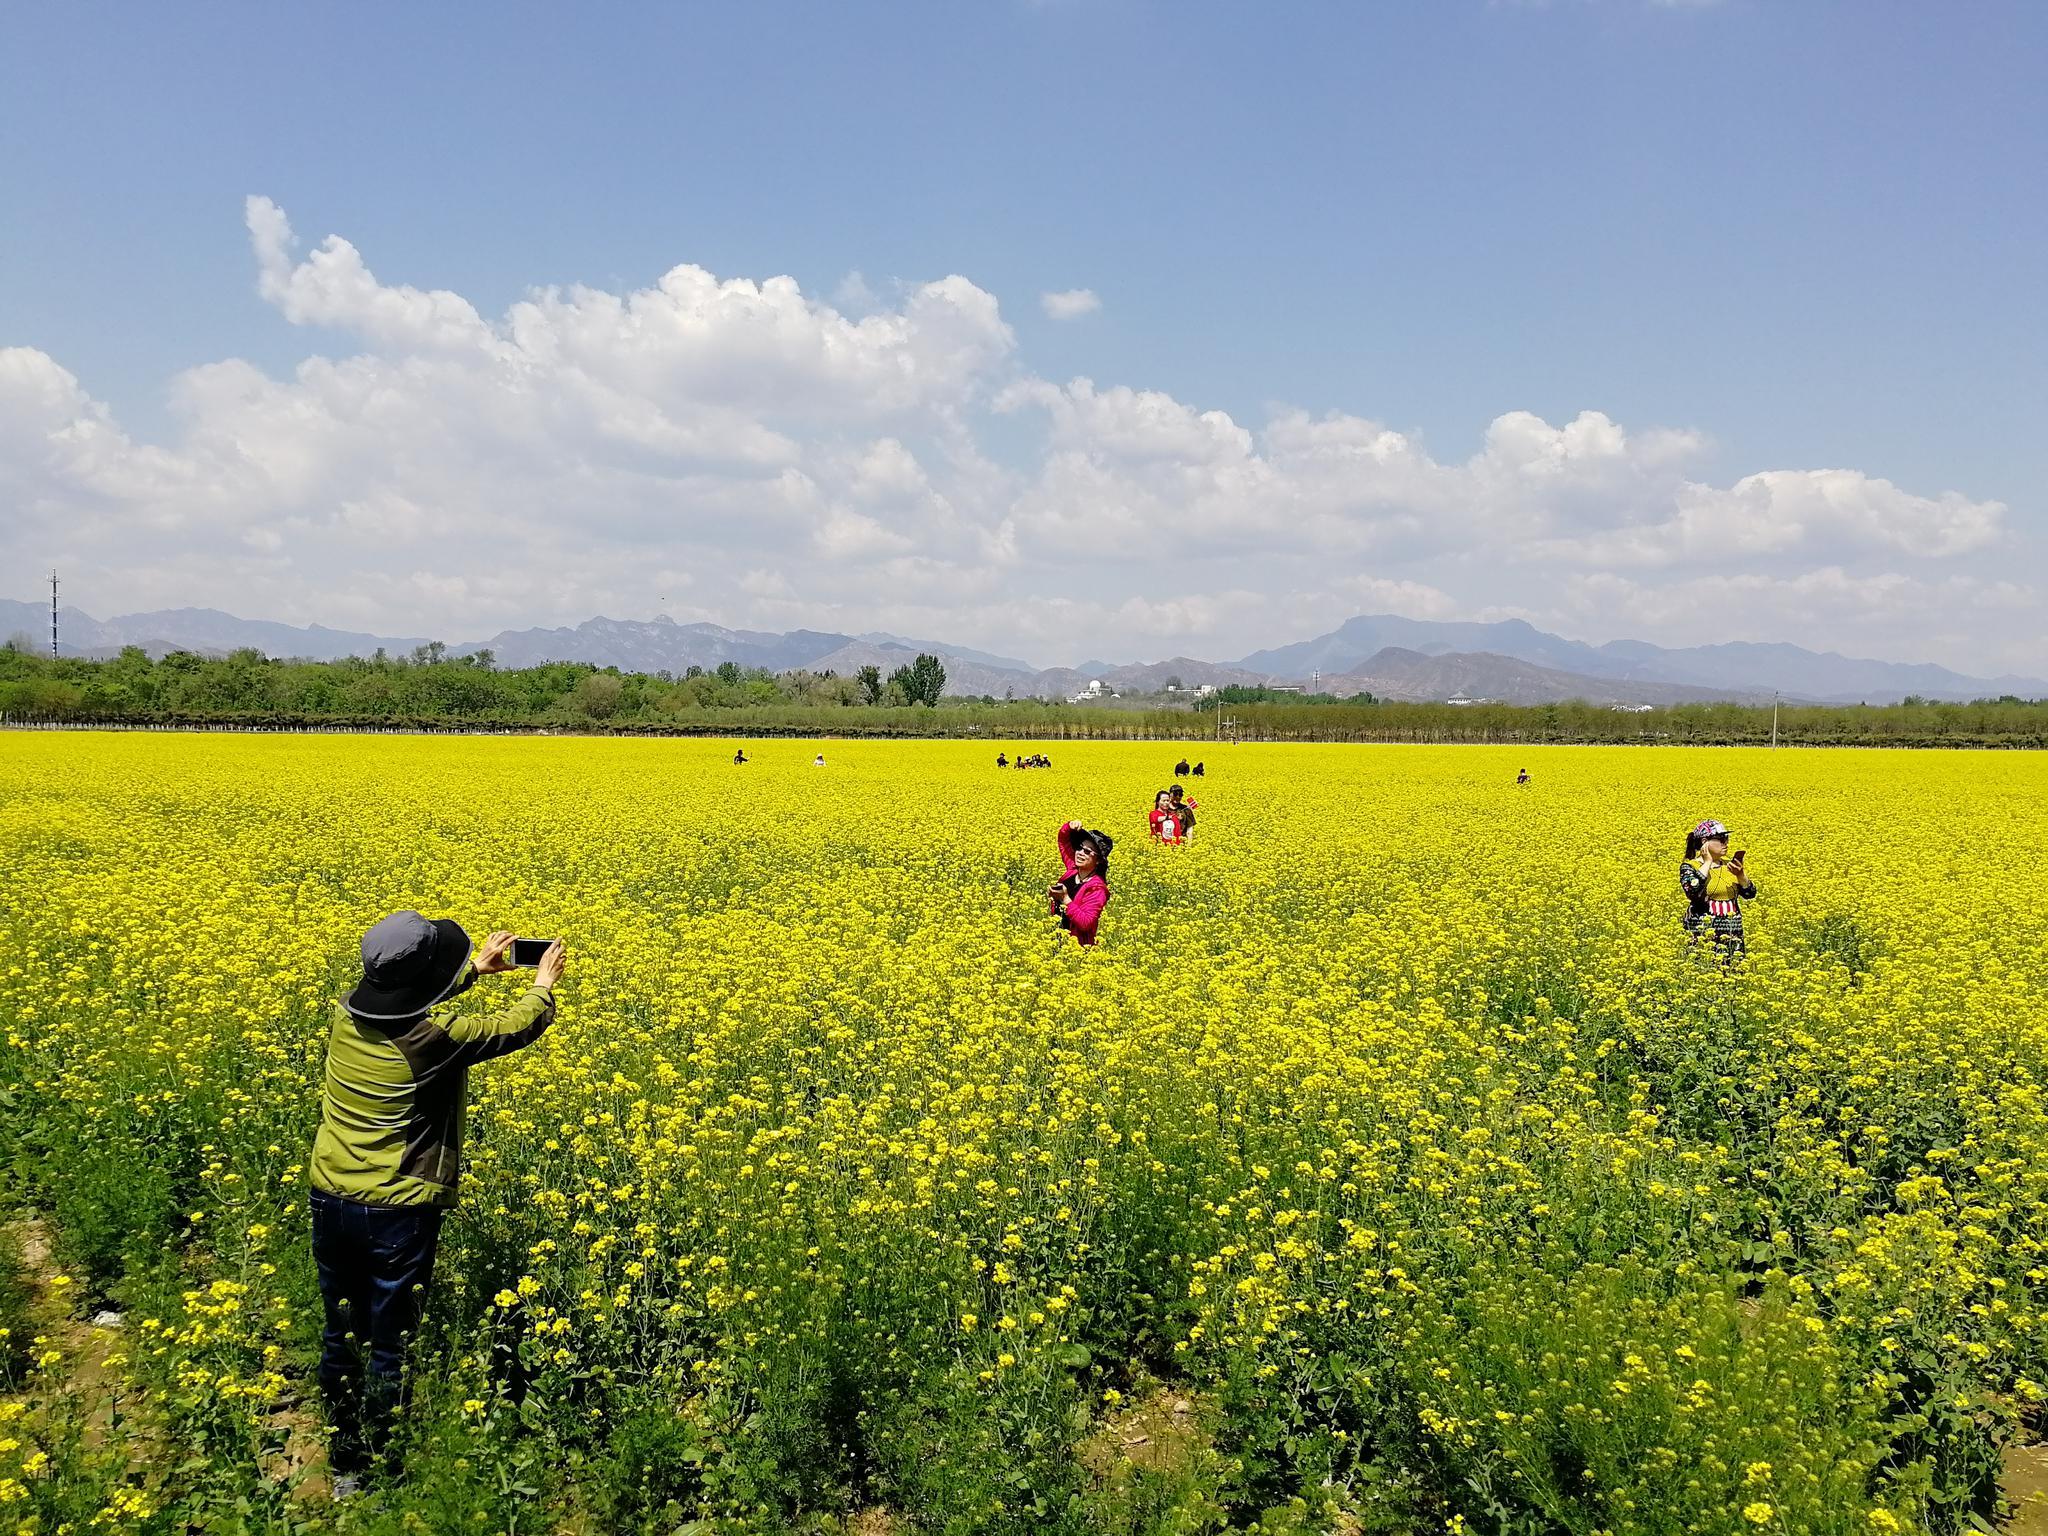 [摩天平台]一去京郊赏油菜花北京14万摩天平台亩景图片